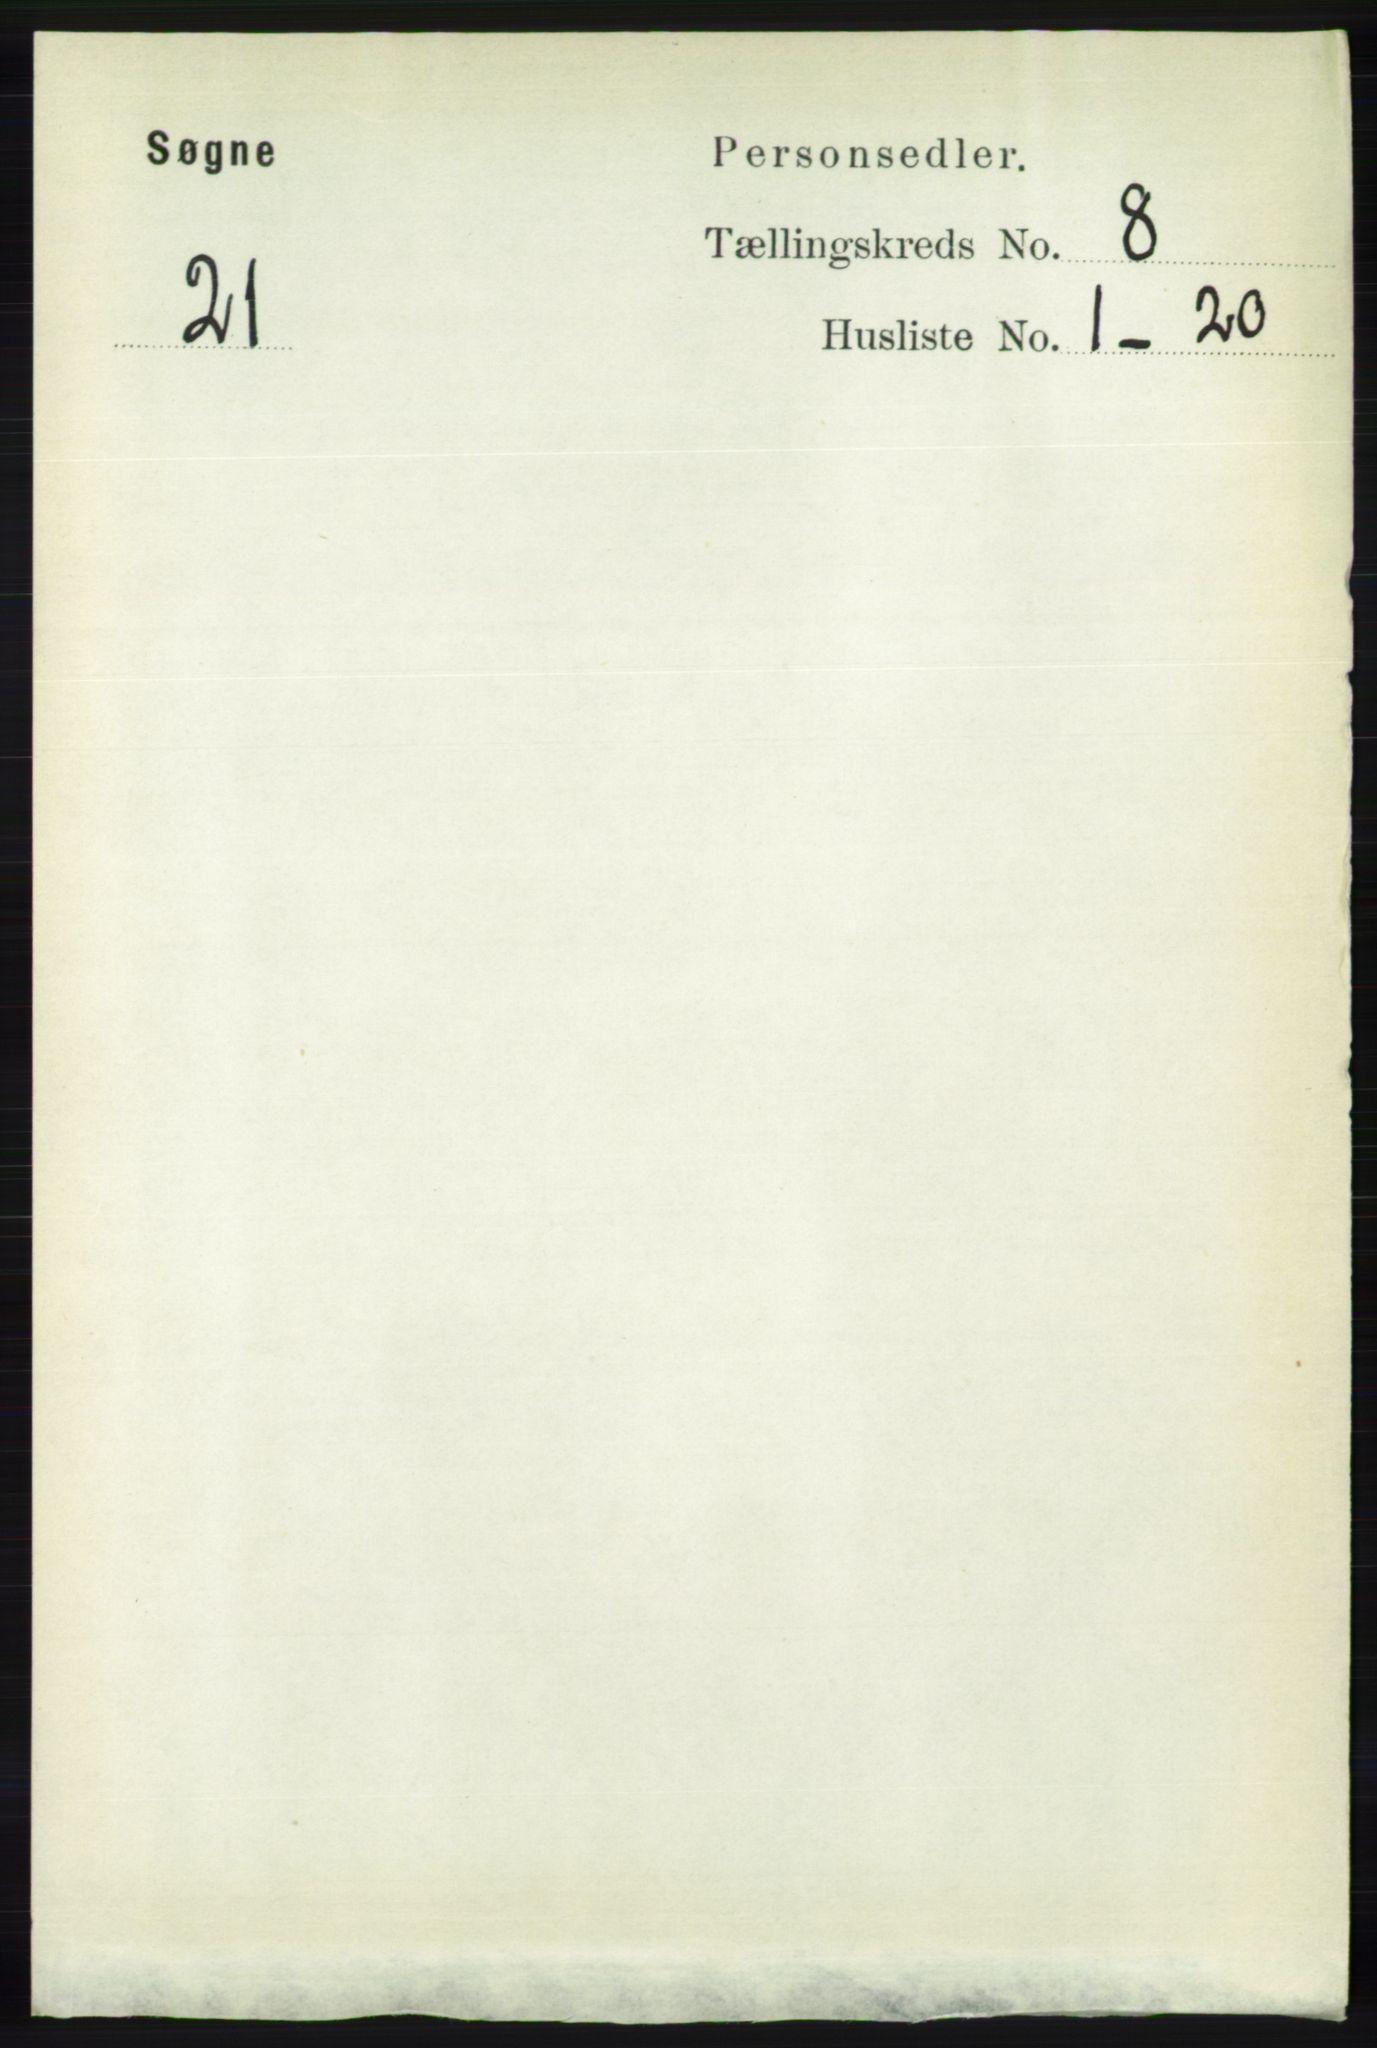 RA, Folketelling 1891 for 1018 Søgne herred, 1891, s. 2210